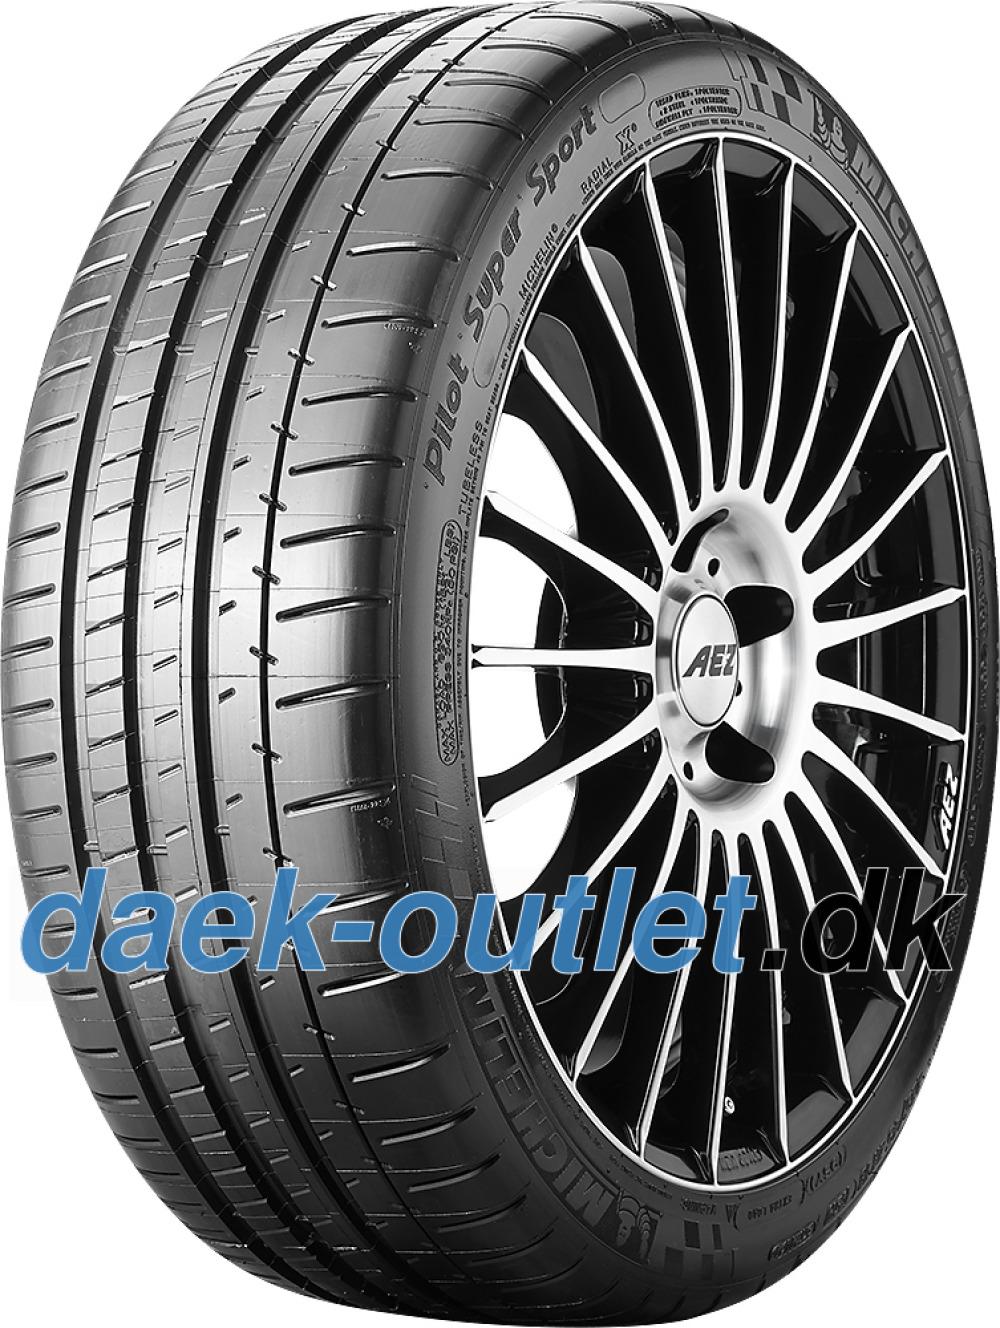 Michelin Pilot Super Sport ( 265/30 ZR19 (93Y) XL med fælgbeskyttelses liste (FSL) )